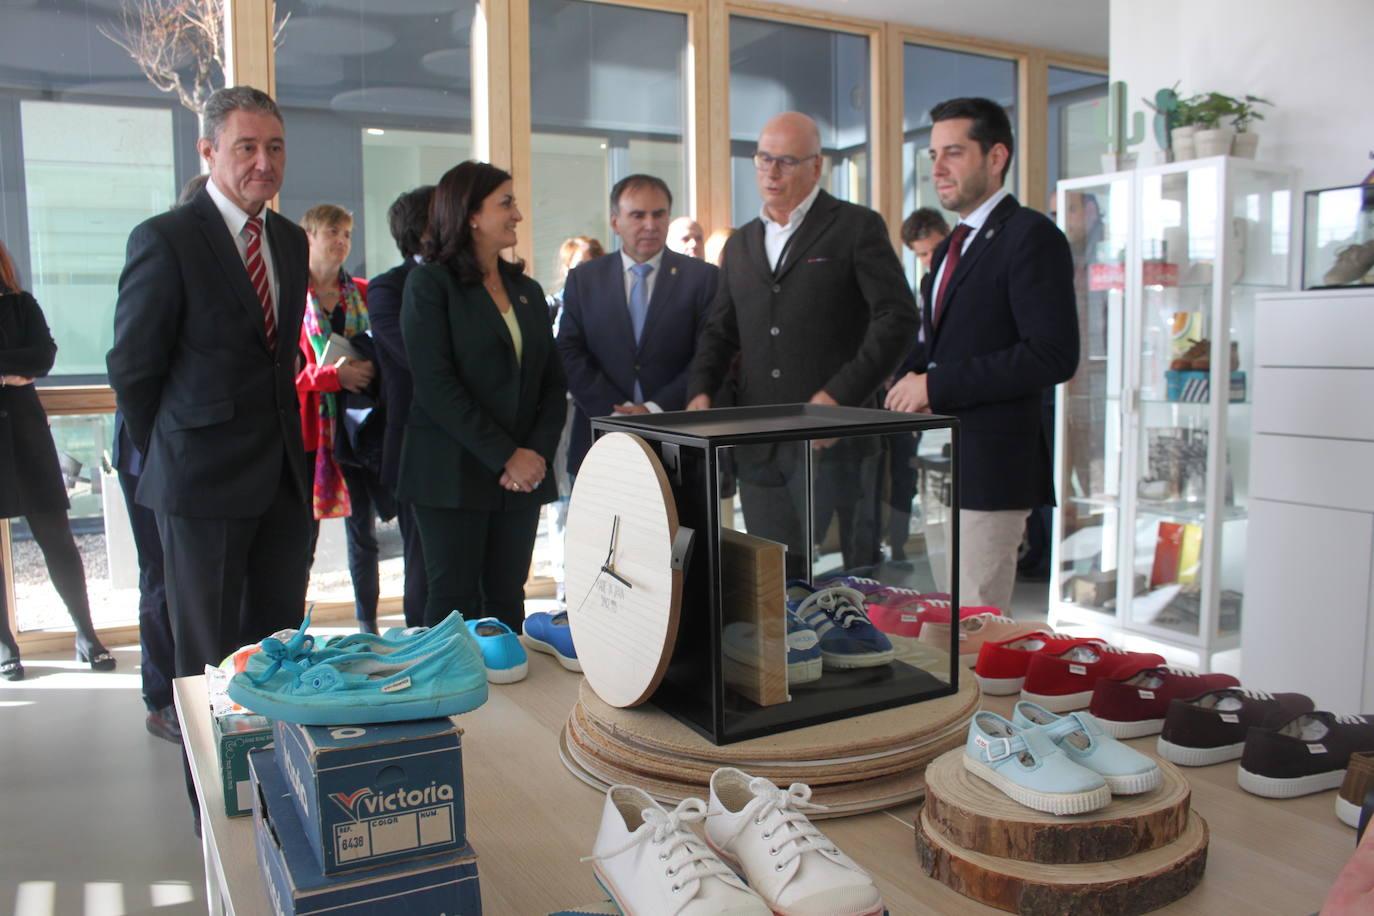 Nuevas instalaciones para las 'Victoria' - La Rioja